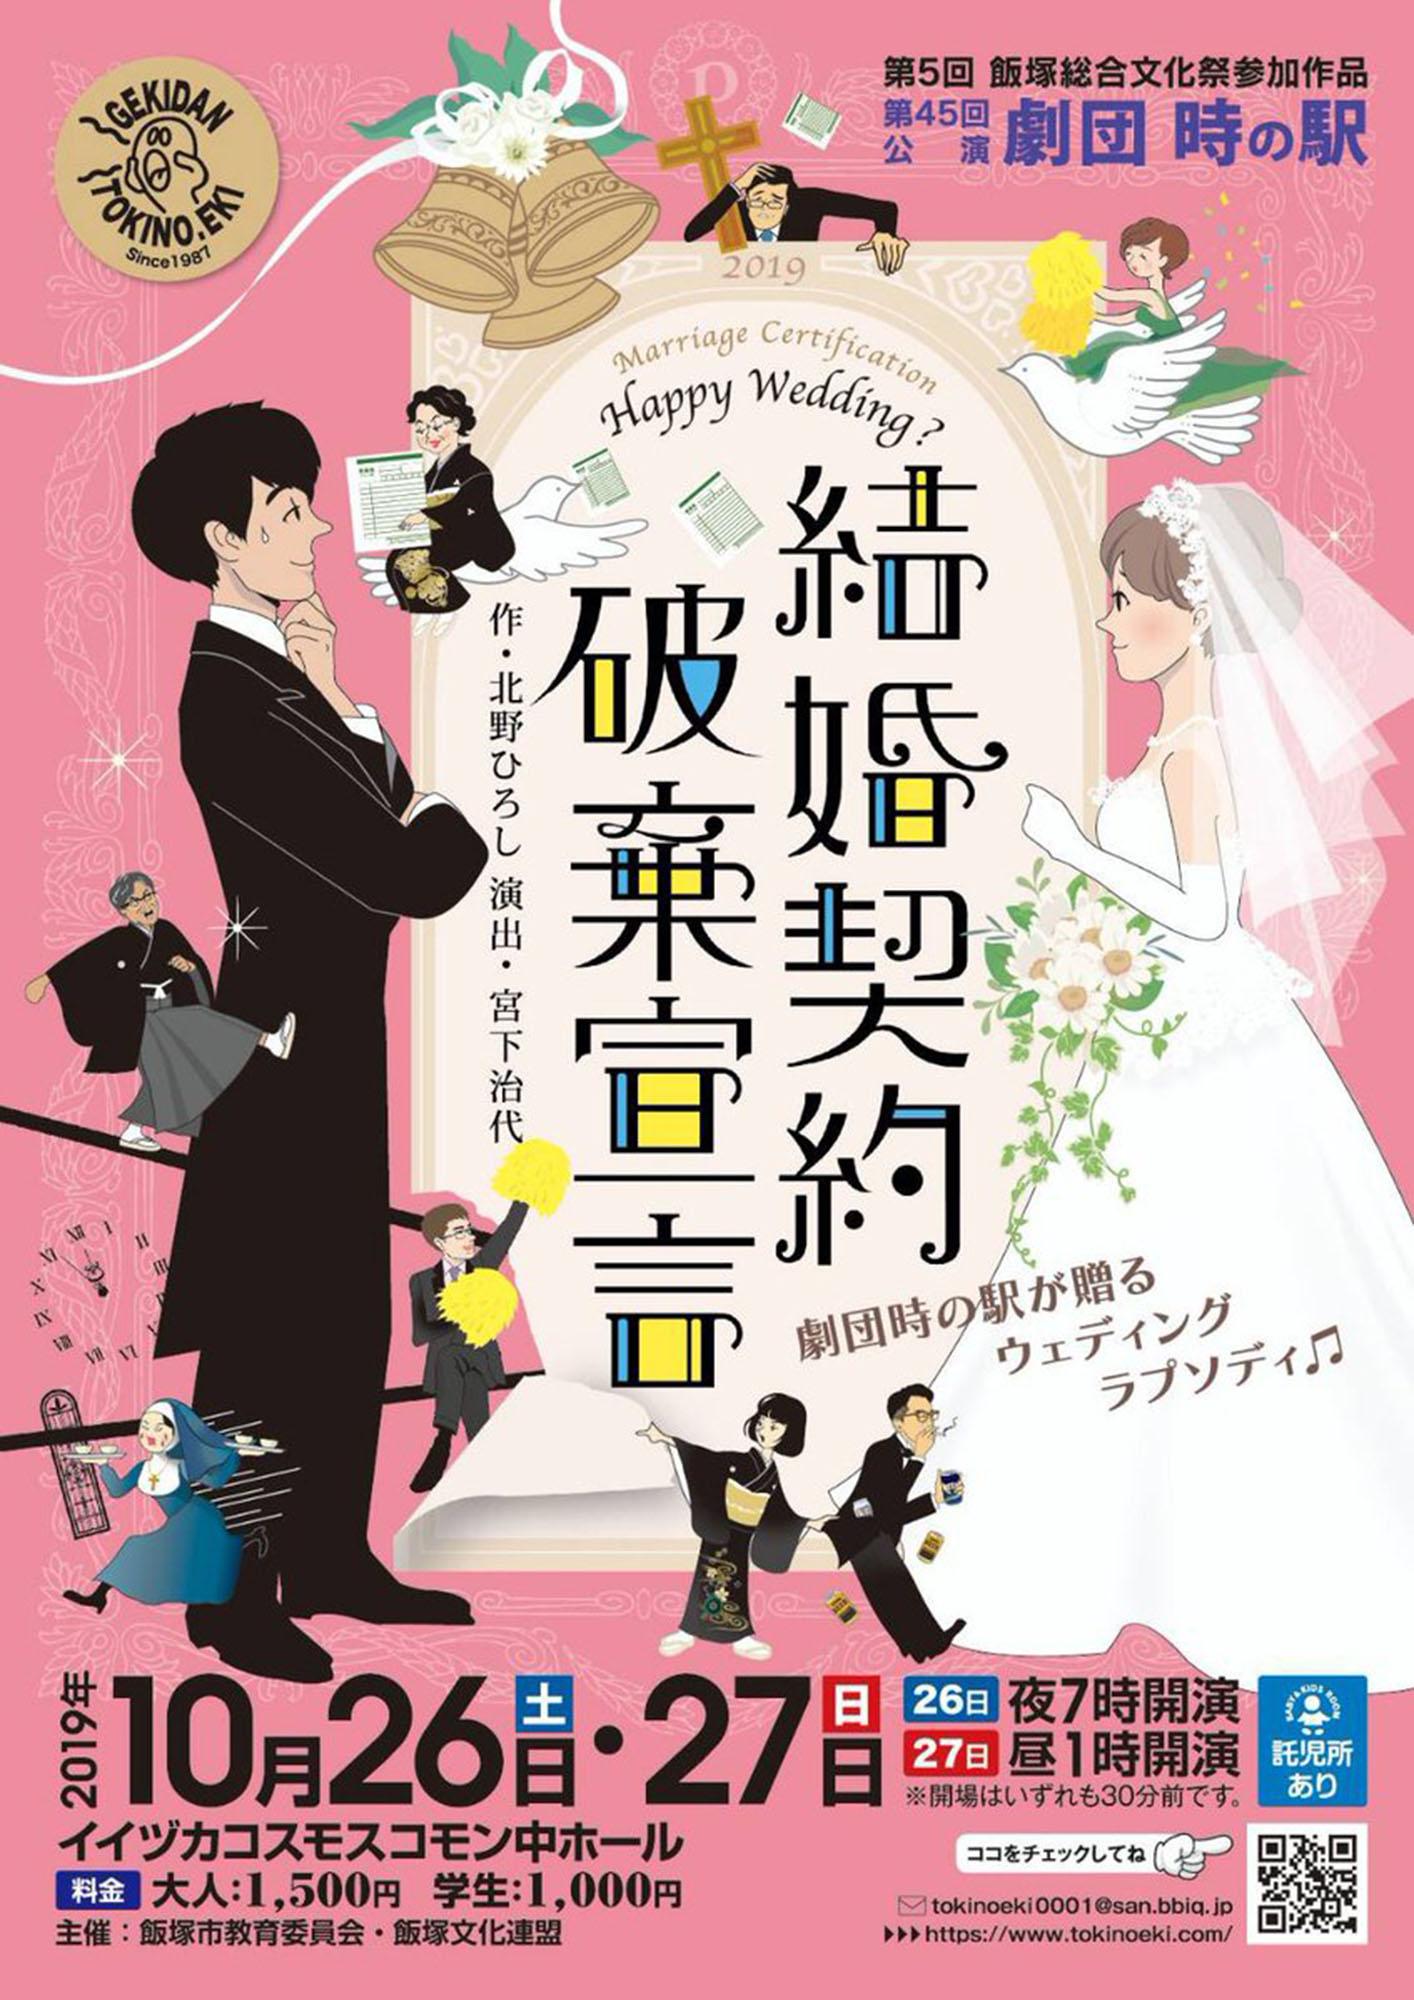 劇団「時の駅」第45回公演 「結婚契約破棄宣言」